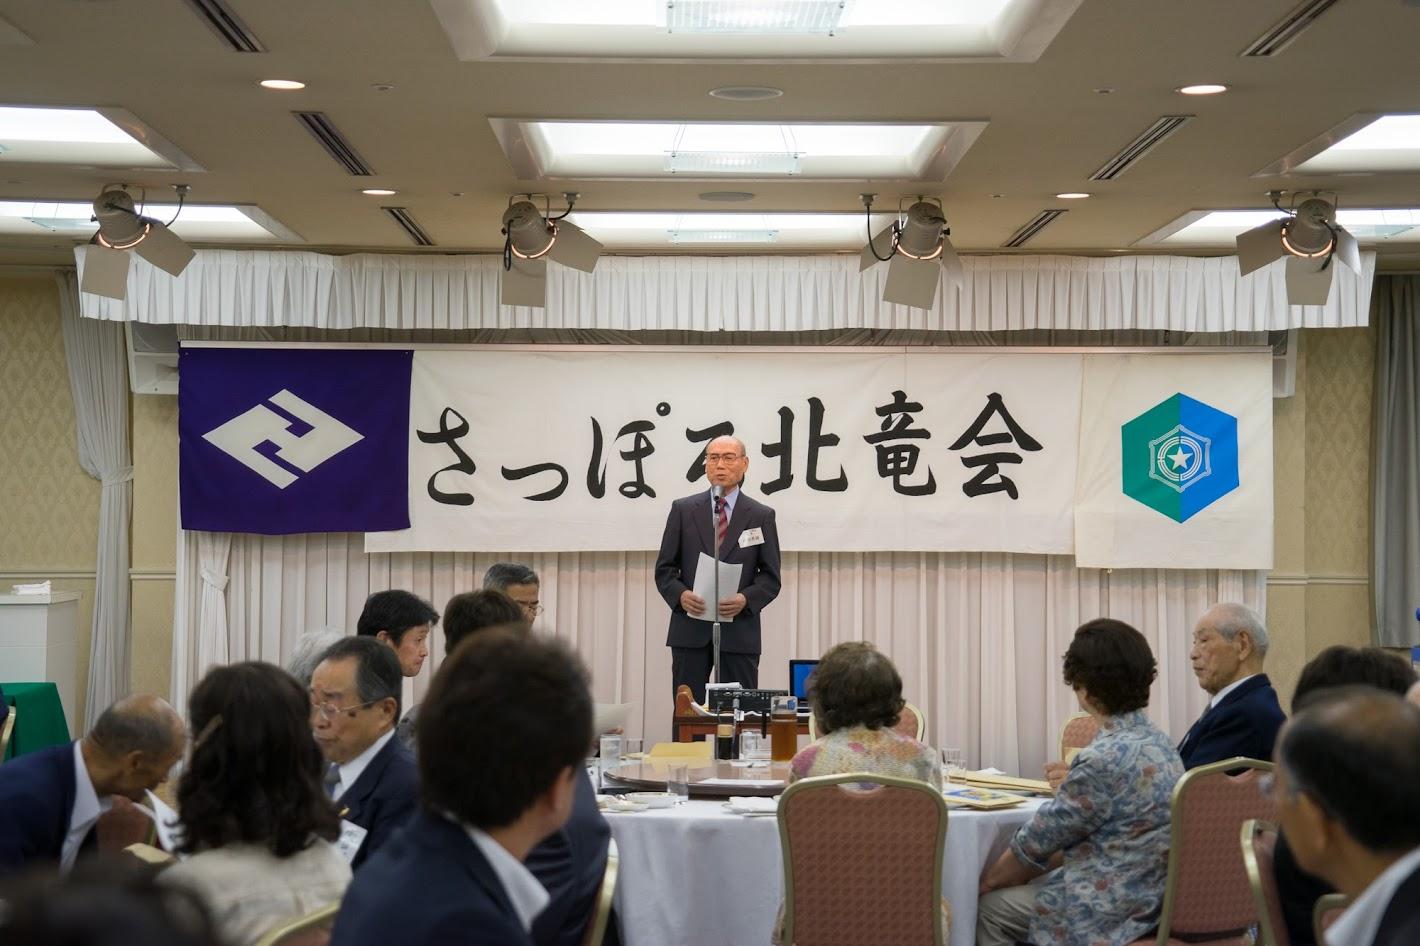 開会の挨拶:小西秀雄 会長